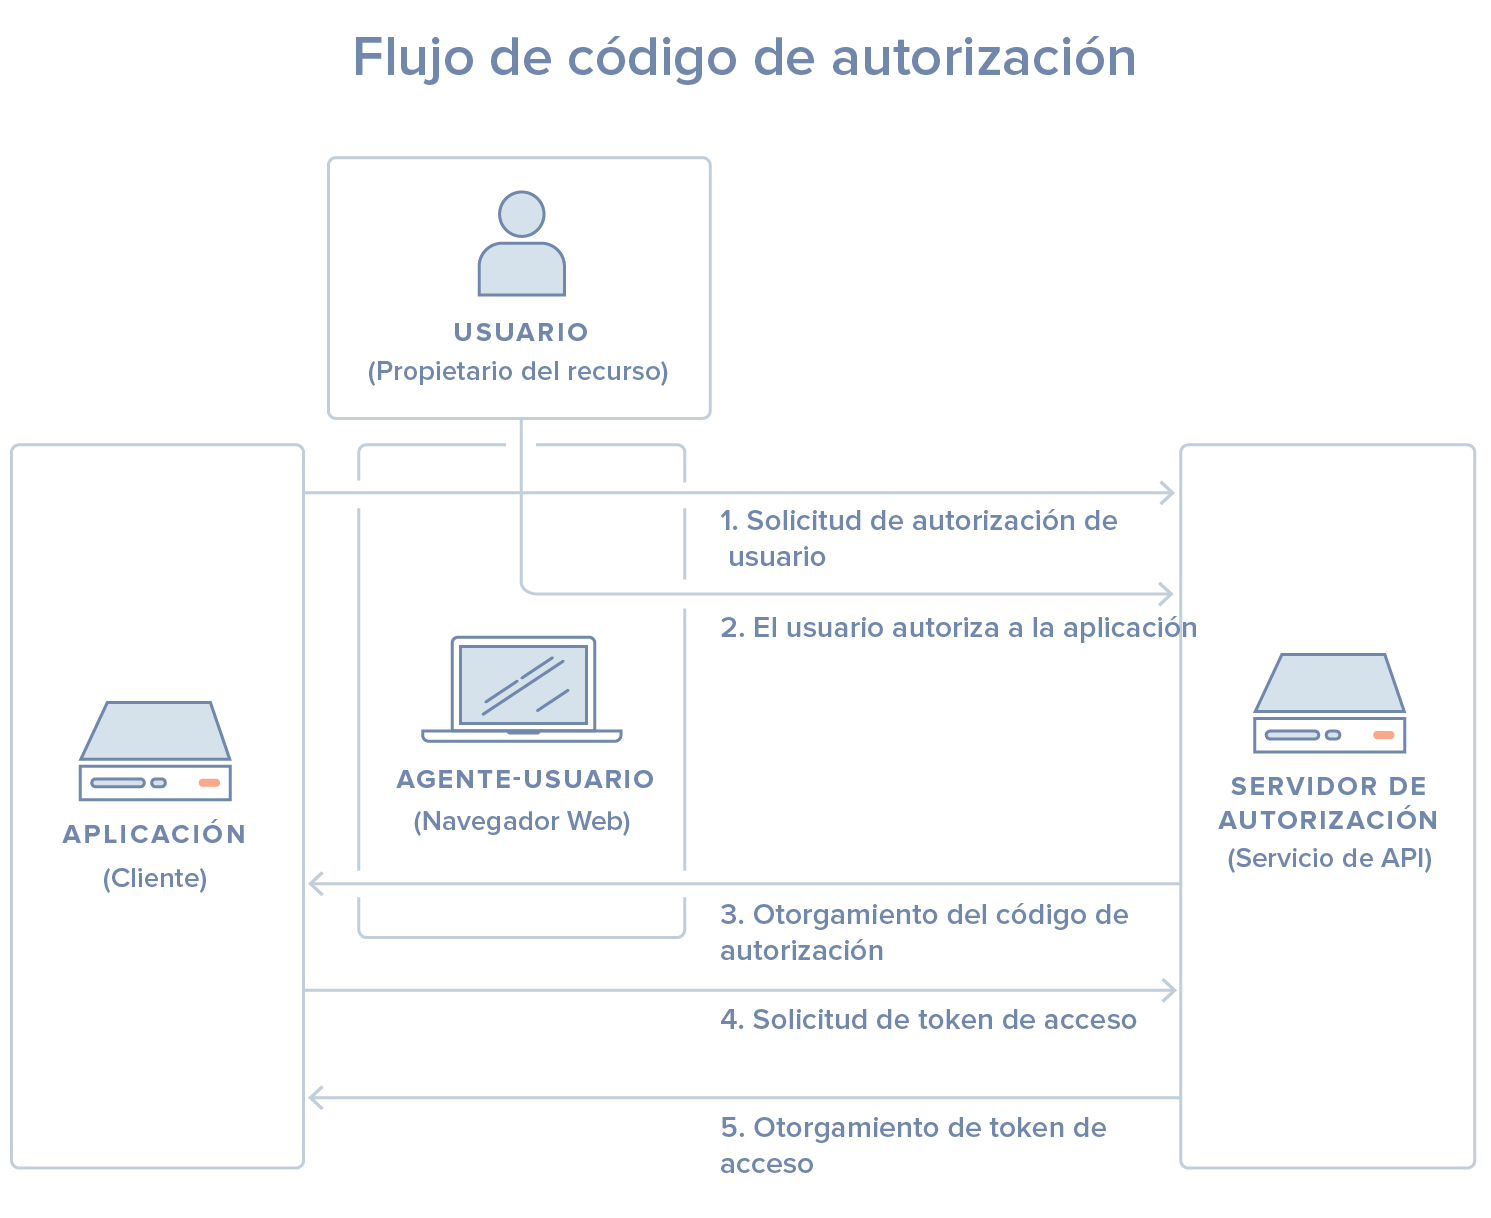 Flujo de código de autorización